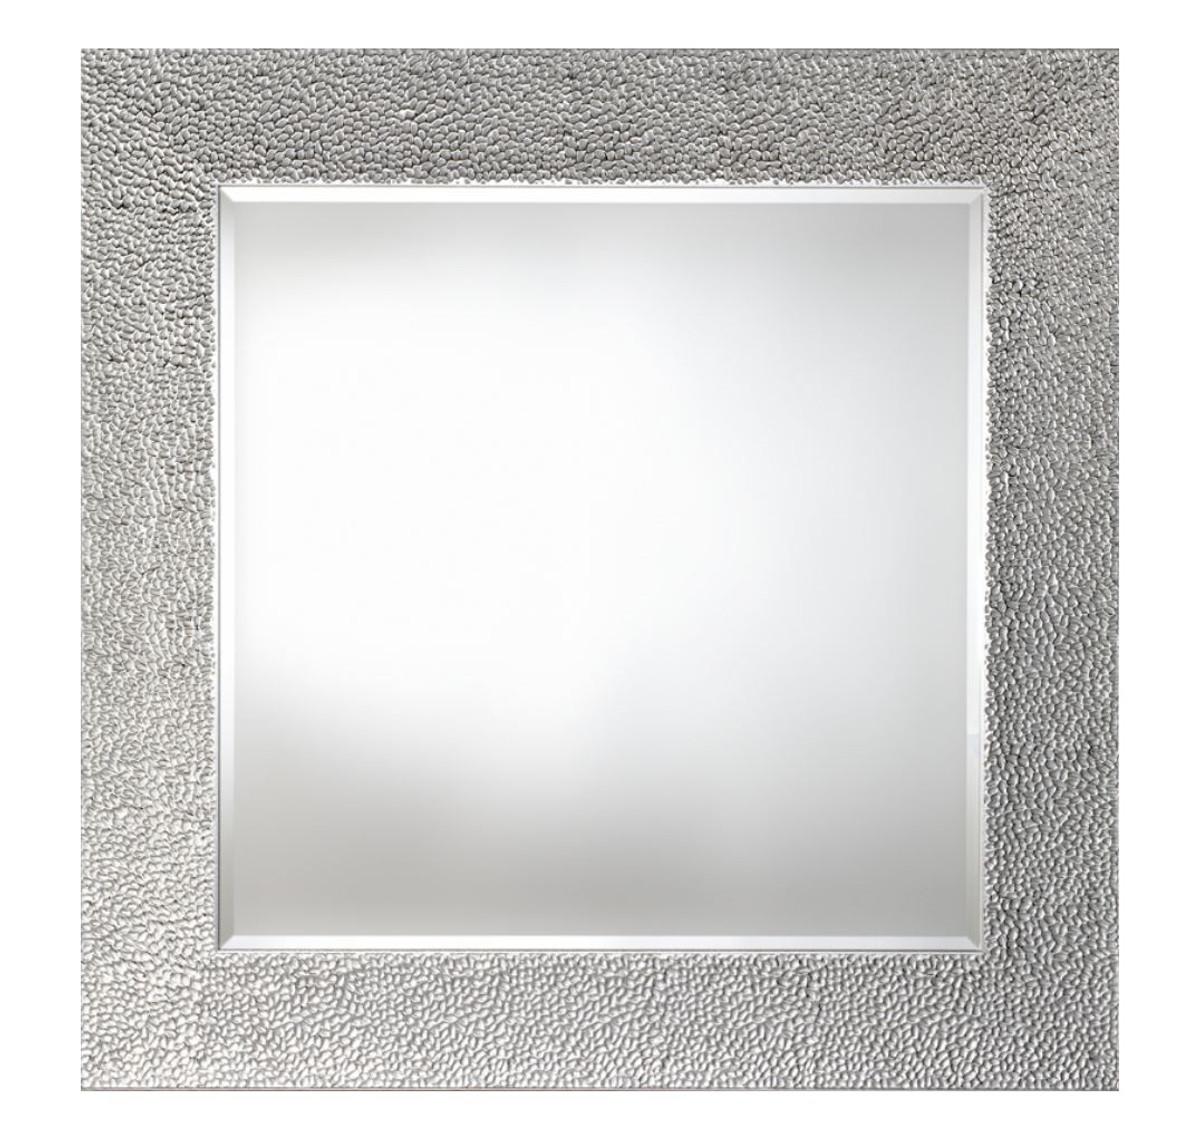 Wohnzimmer Spiegel Silber